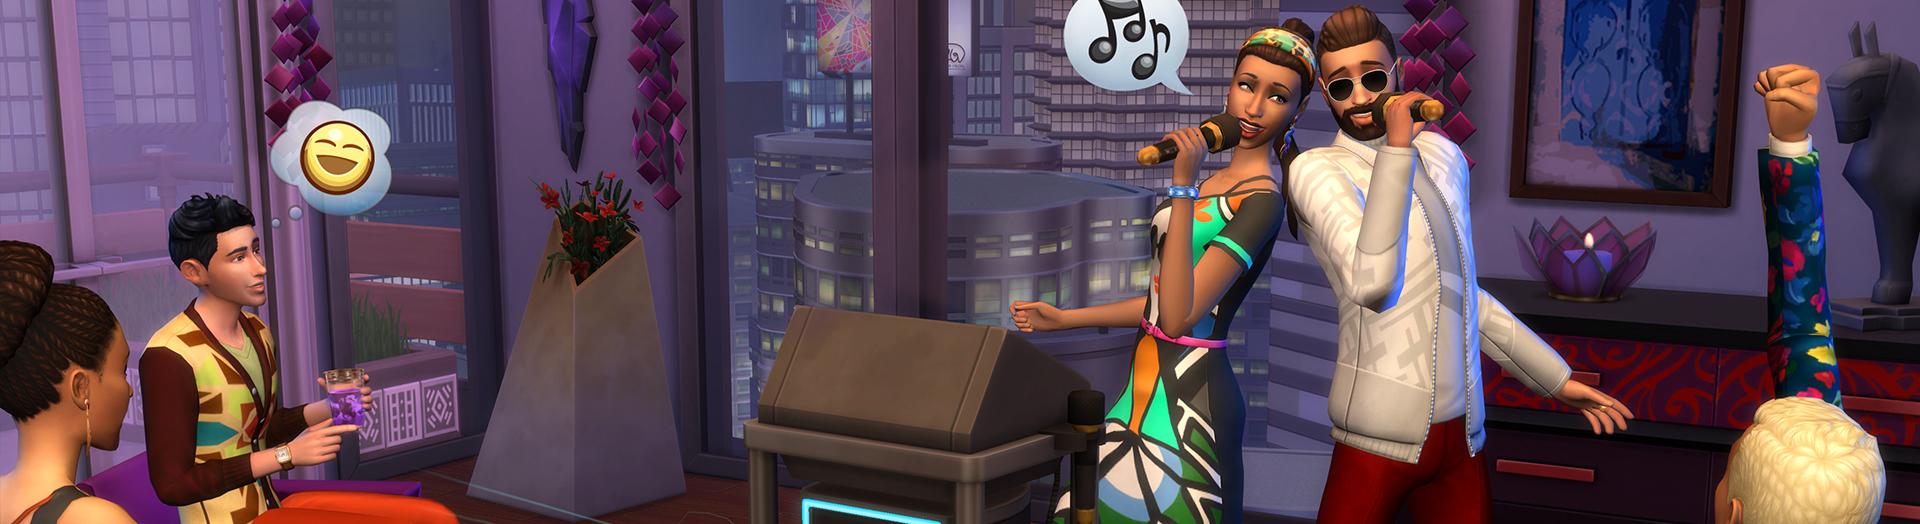 Les Sims 4 Vie Citadine [3 Novembre 2016] 347189fCcdNJ31